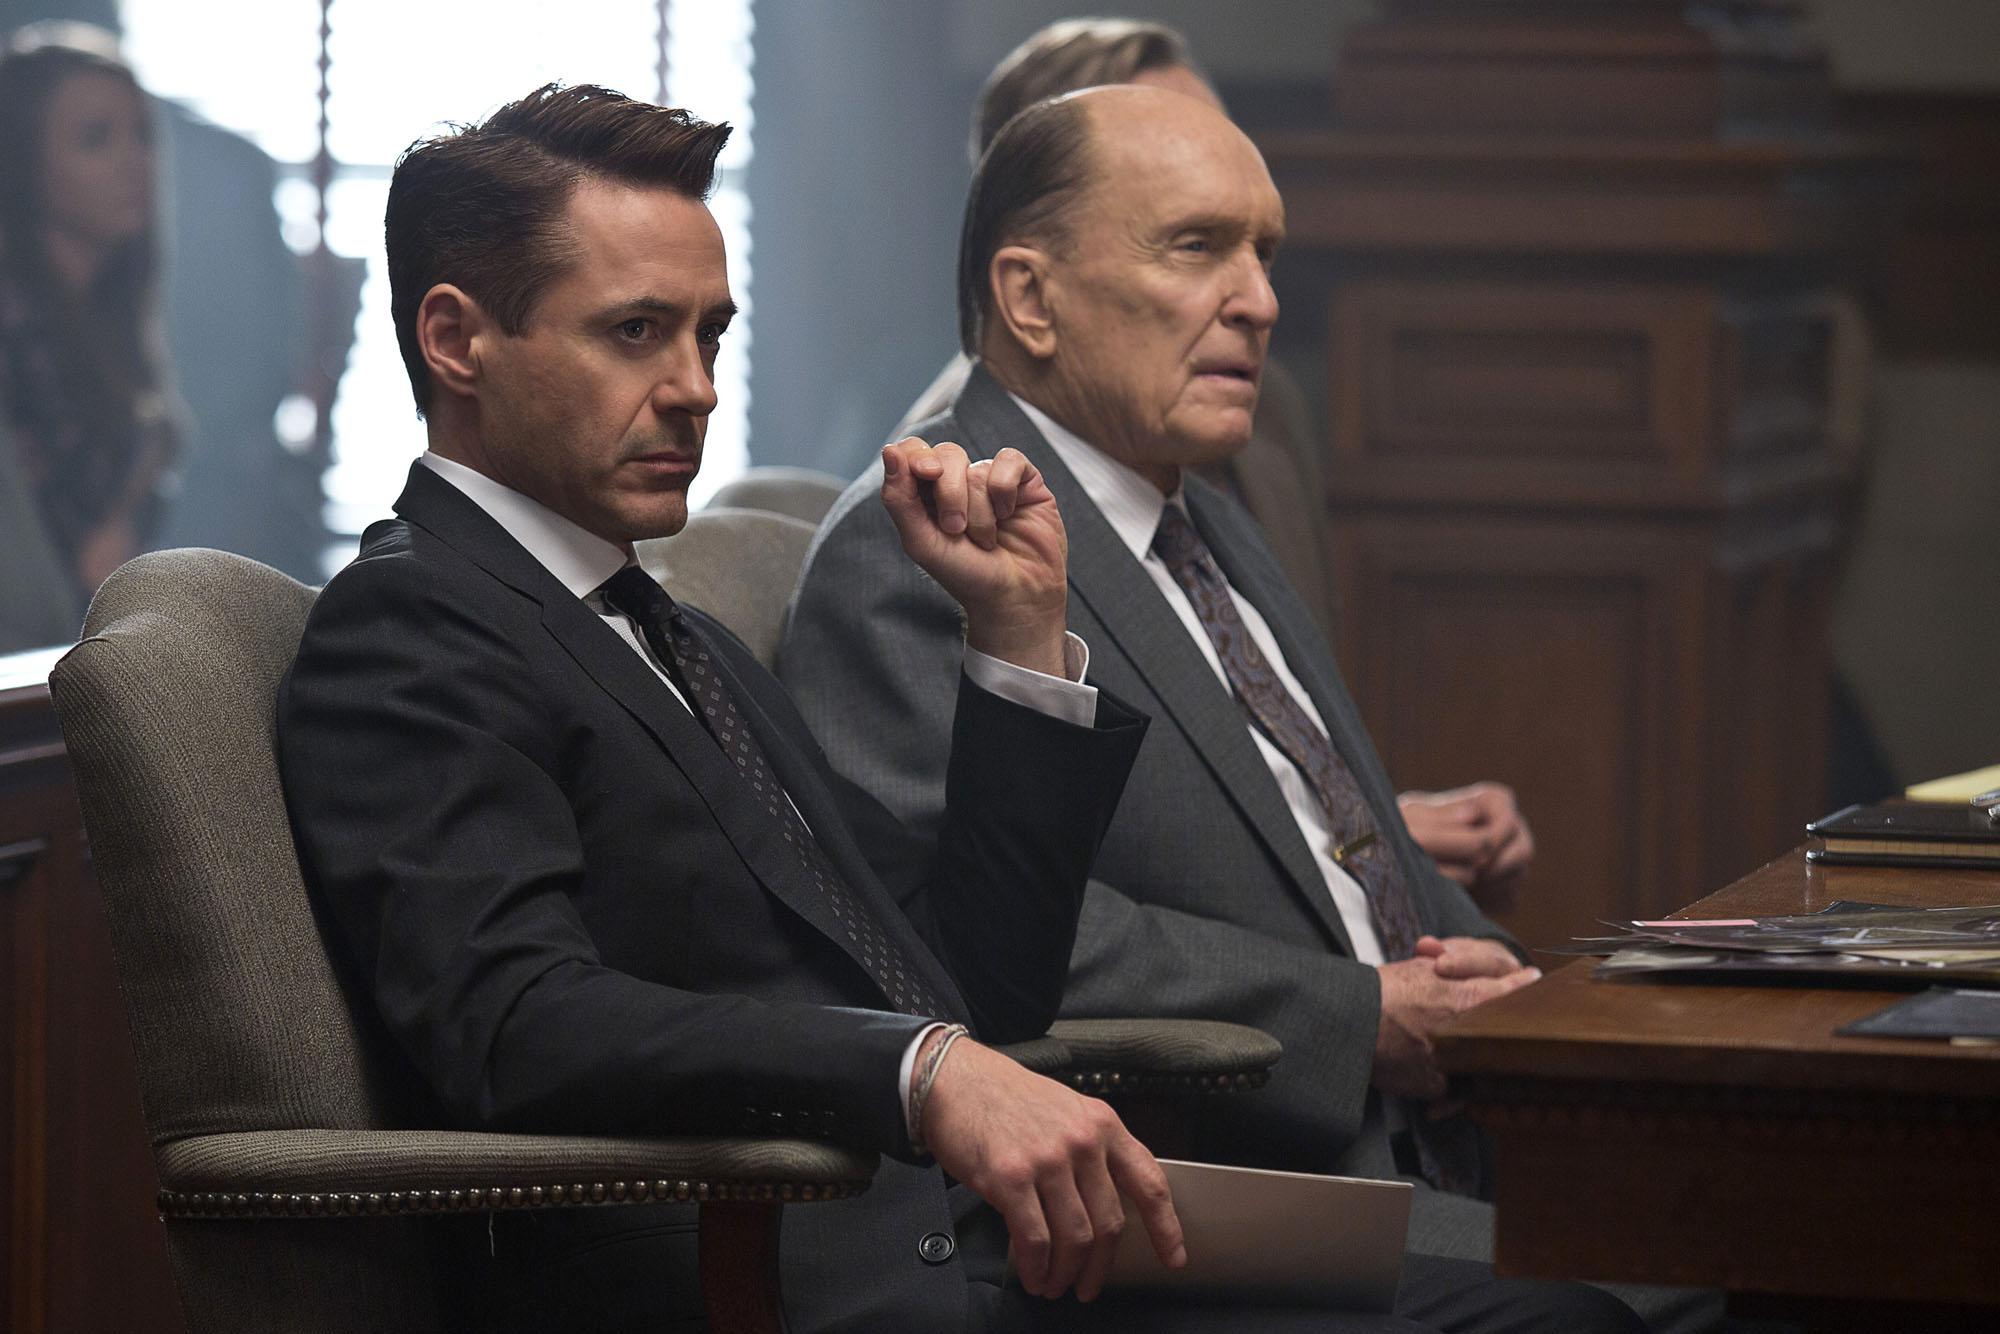 """Reseña de """"El juez"""", con Robert Downey Jr. y Robert Duvall"""